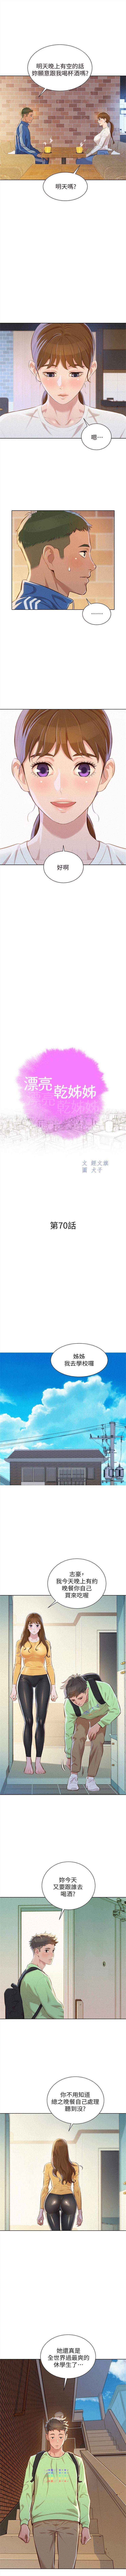 (周7)漂亮干姐姐  1-81 中文翻译 (更新中) 380